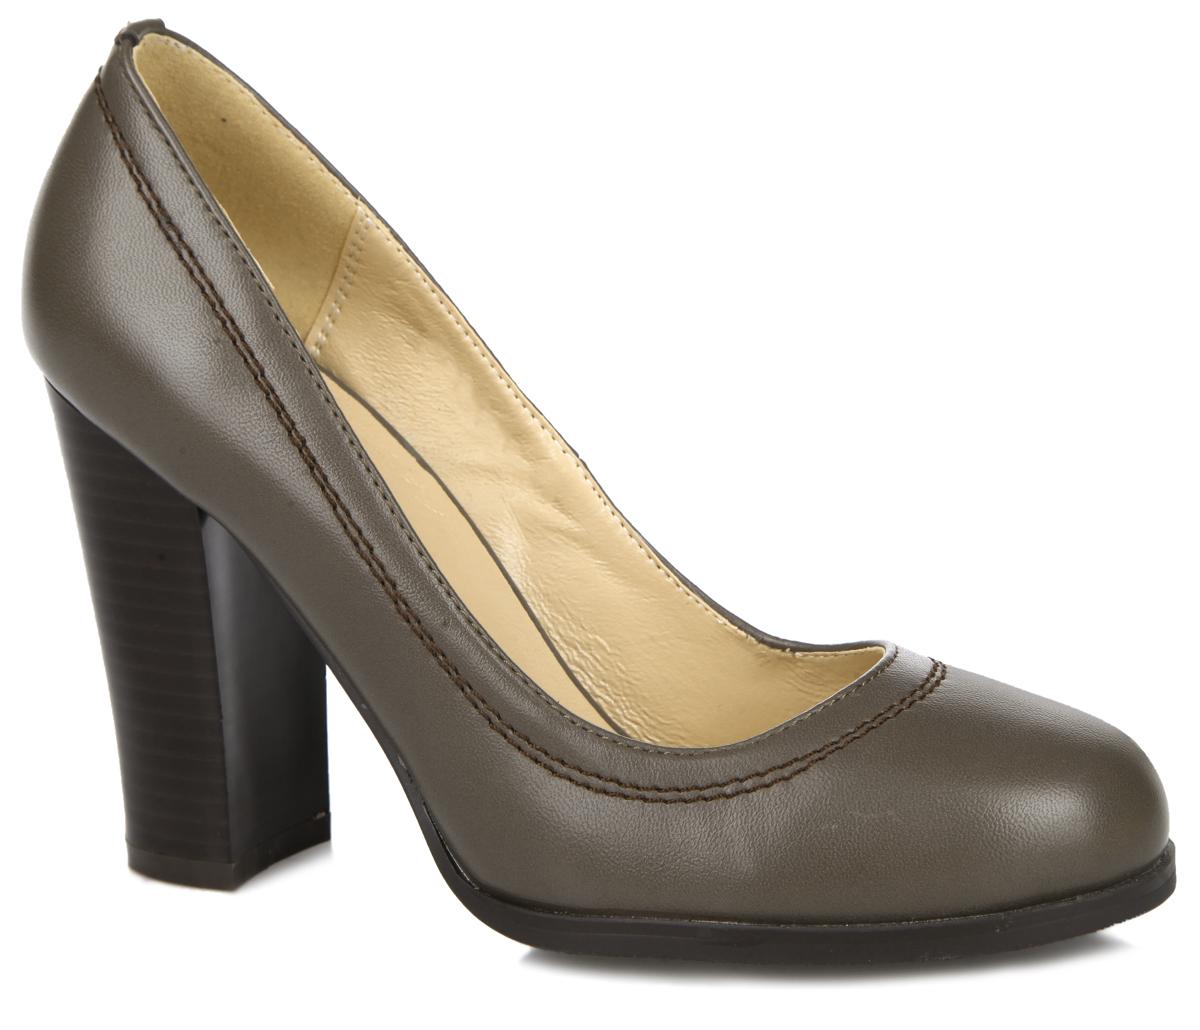 Туфли женские. 60267-01-39K60267-01-39KЭлегантные женские туфли от Inario заинтересуют вас своим дизайном. Модель выполнена из искусственной кожи. По контуру туфли декорированы двойной строчкой. Закругленный носок добавит женственности в ваш образ. Высокий каблук, стилизованный под дерево, устойчив. Подкладка и стелька - из искусственной кожи, обеспечивают максимальный комфорт при движении. Резиновая подошва с рифленым протектором не скользит. Изысканные туфли добавят шика в модный образ и подчеркнут ваш безупречный вкус.